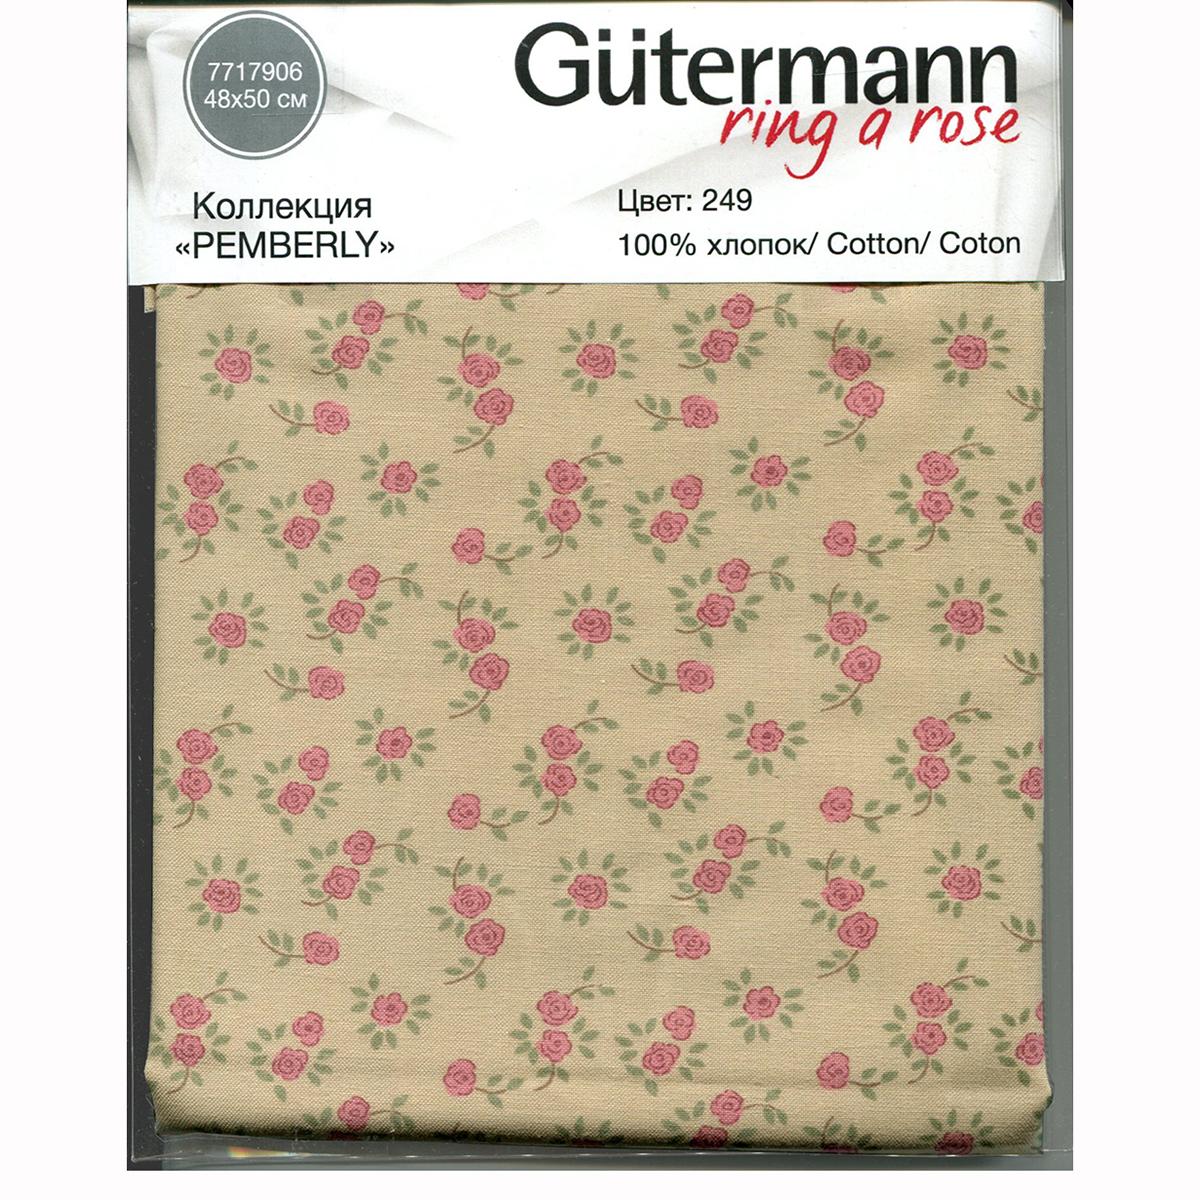 Ткань Gutermann Pemberly, 48 х 50 см. 649102_2497717906-249Хлопковая ткань от Gutermann (Гутерманн) выполнена из 100% натурального материала, идеально подойдет для шитья одежды, постельного белья, декорирования. Ткань не линяет, не осыпается по краям и не дает усадки.